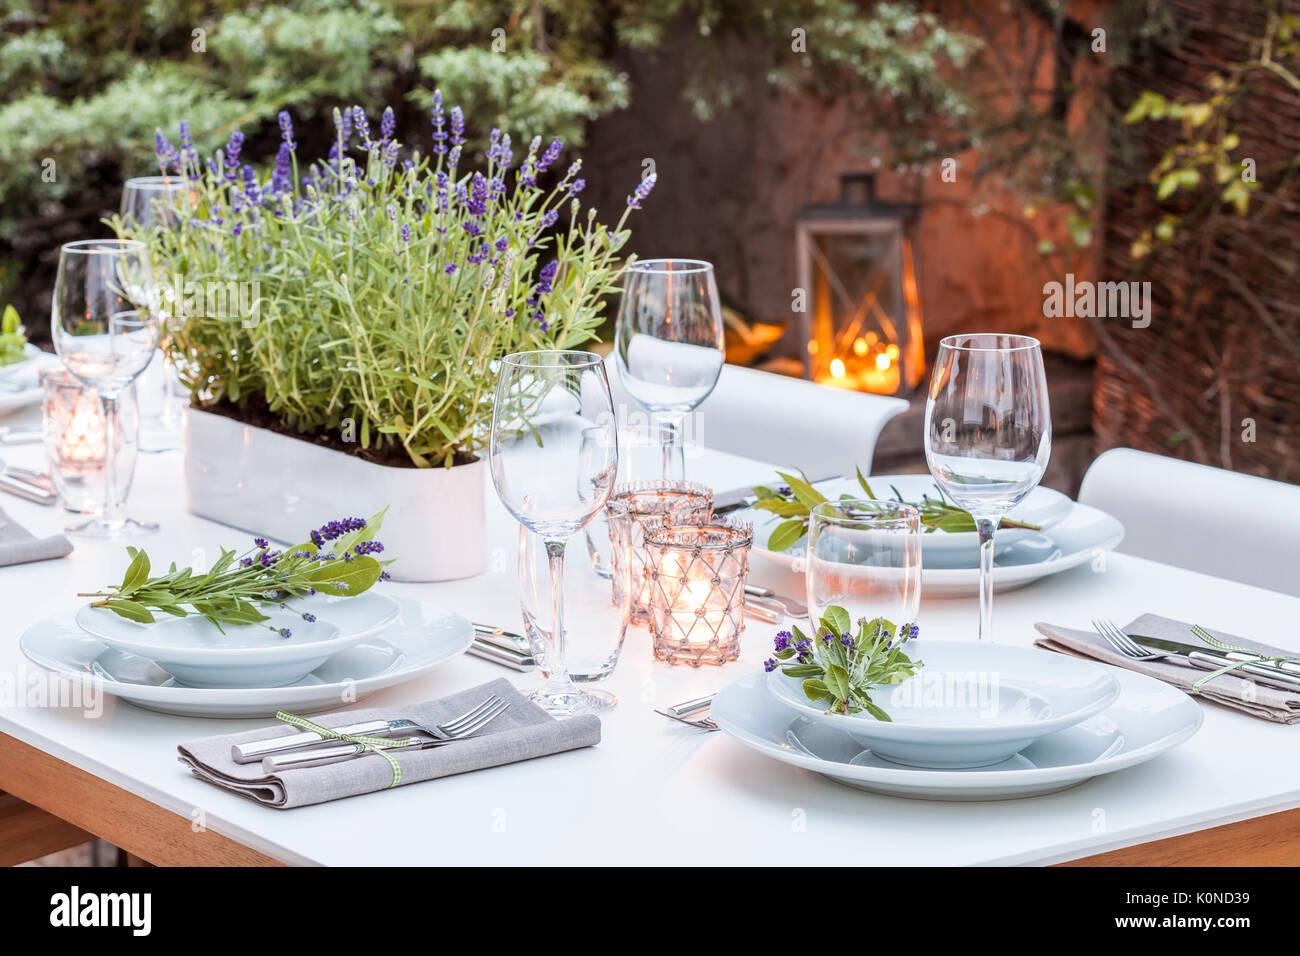 Deutschland, Garten, Terrasse, Holzdeck, Gartenmöbel, Moderne Sitzgruppe,  Gedeckter Tisch,